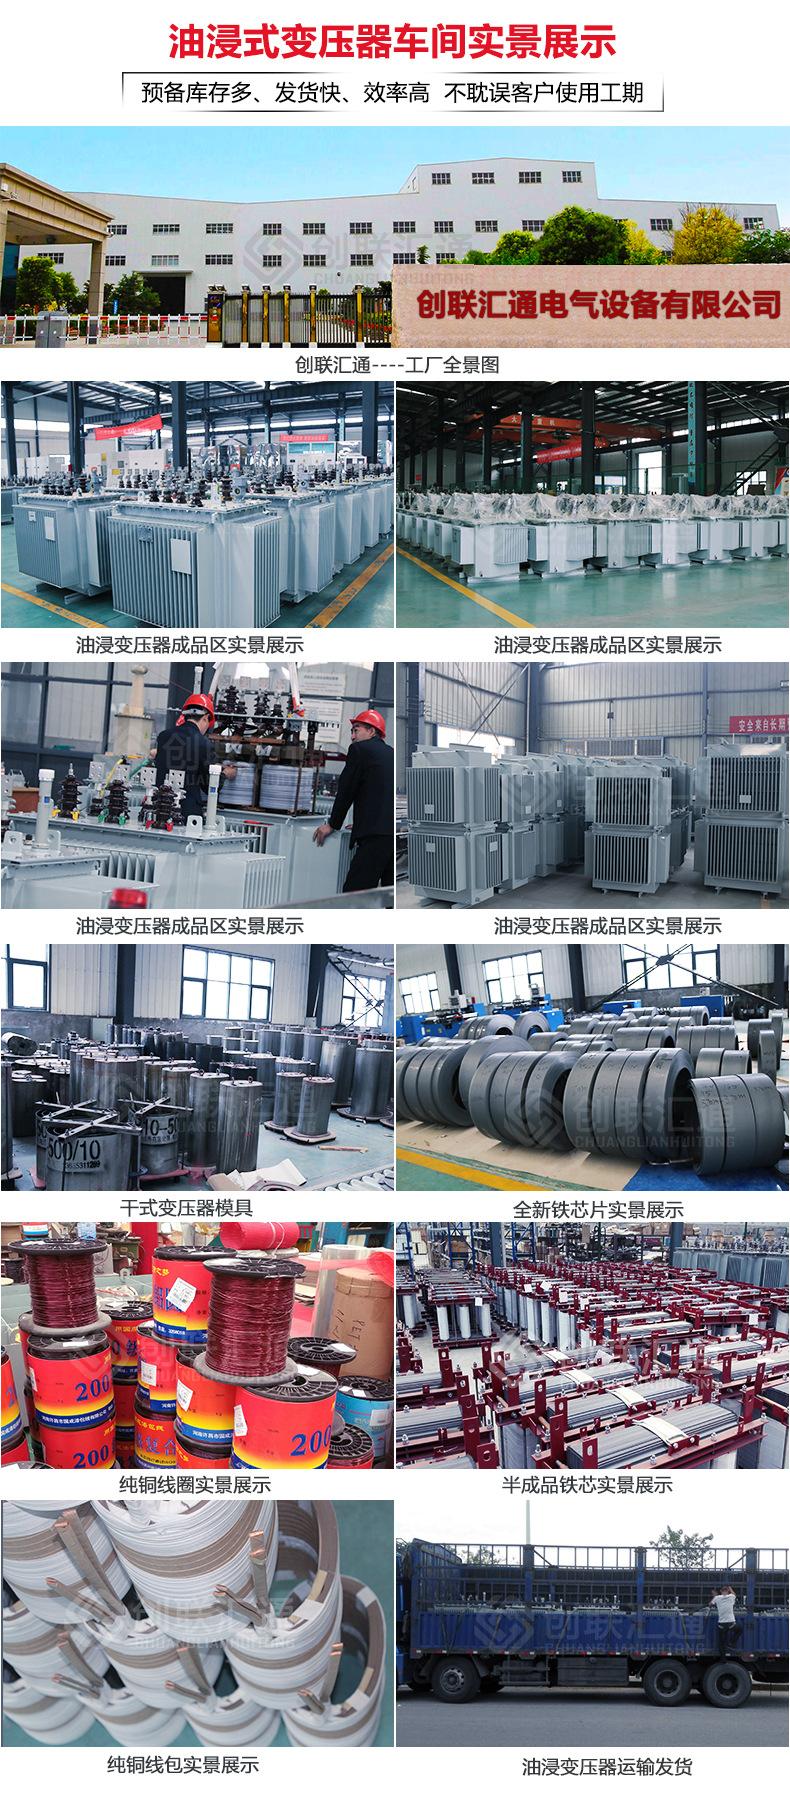 S11-MRD地埋式电力变压器 油式节能型 标准化生产常规国标 量大价优-创联汇通示例图12